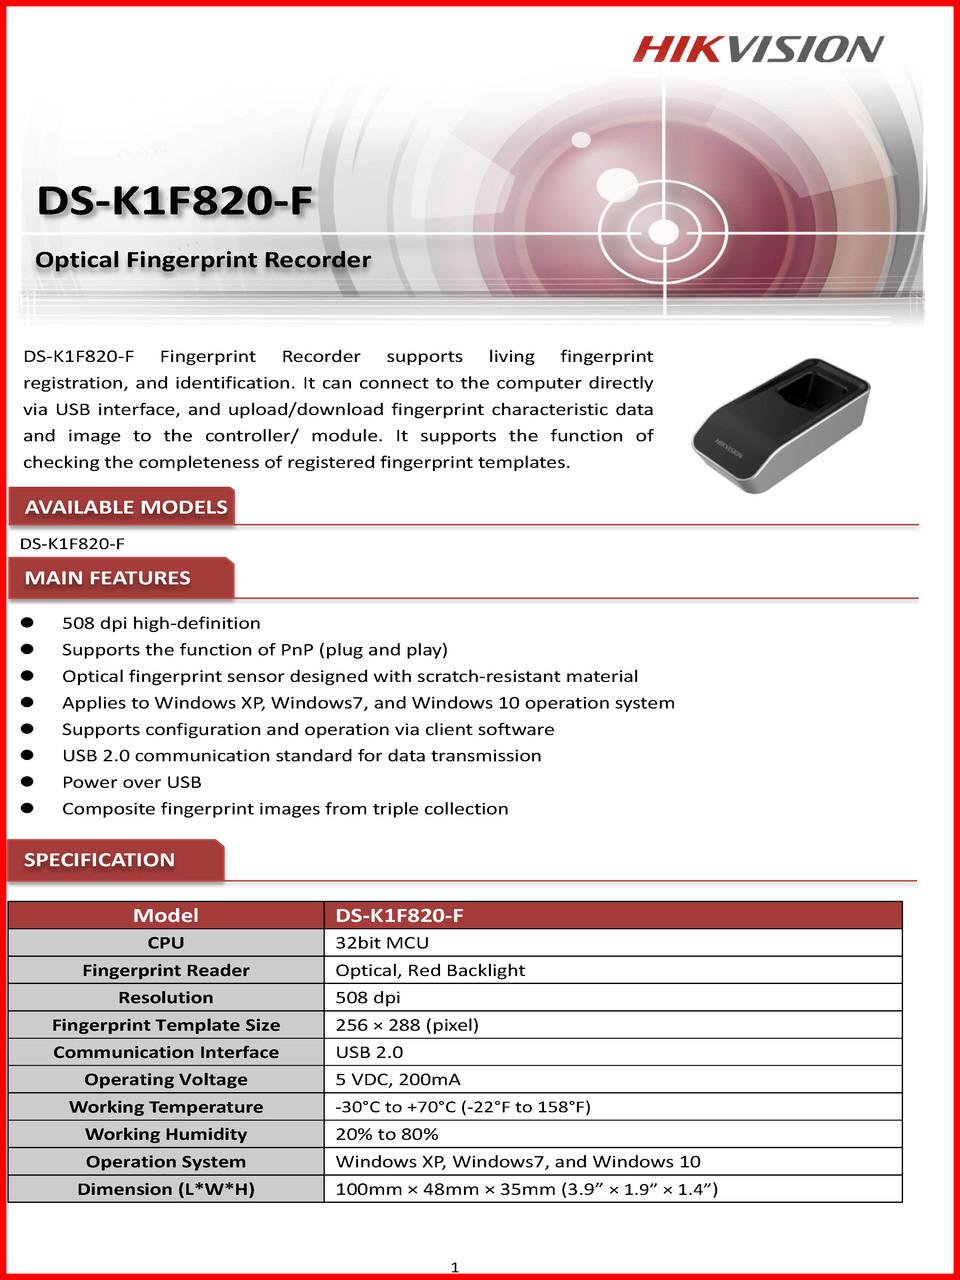 HIKVISION DS-K1F820-F Optical fingerprint recorder